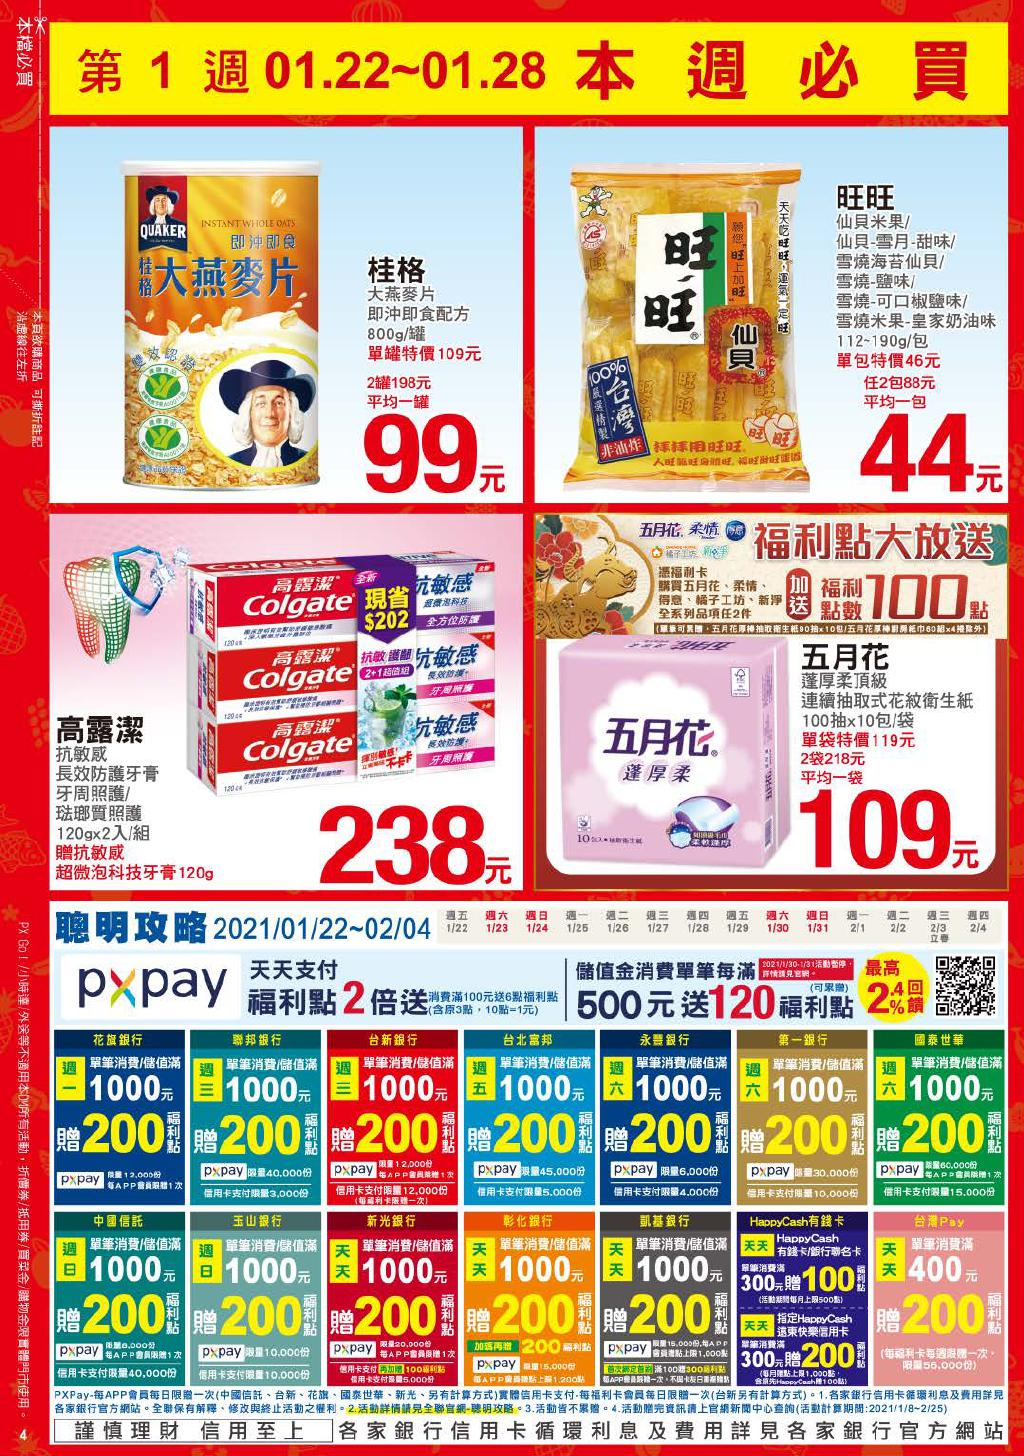 pxmart20210204_000004.jpg